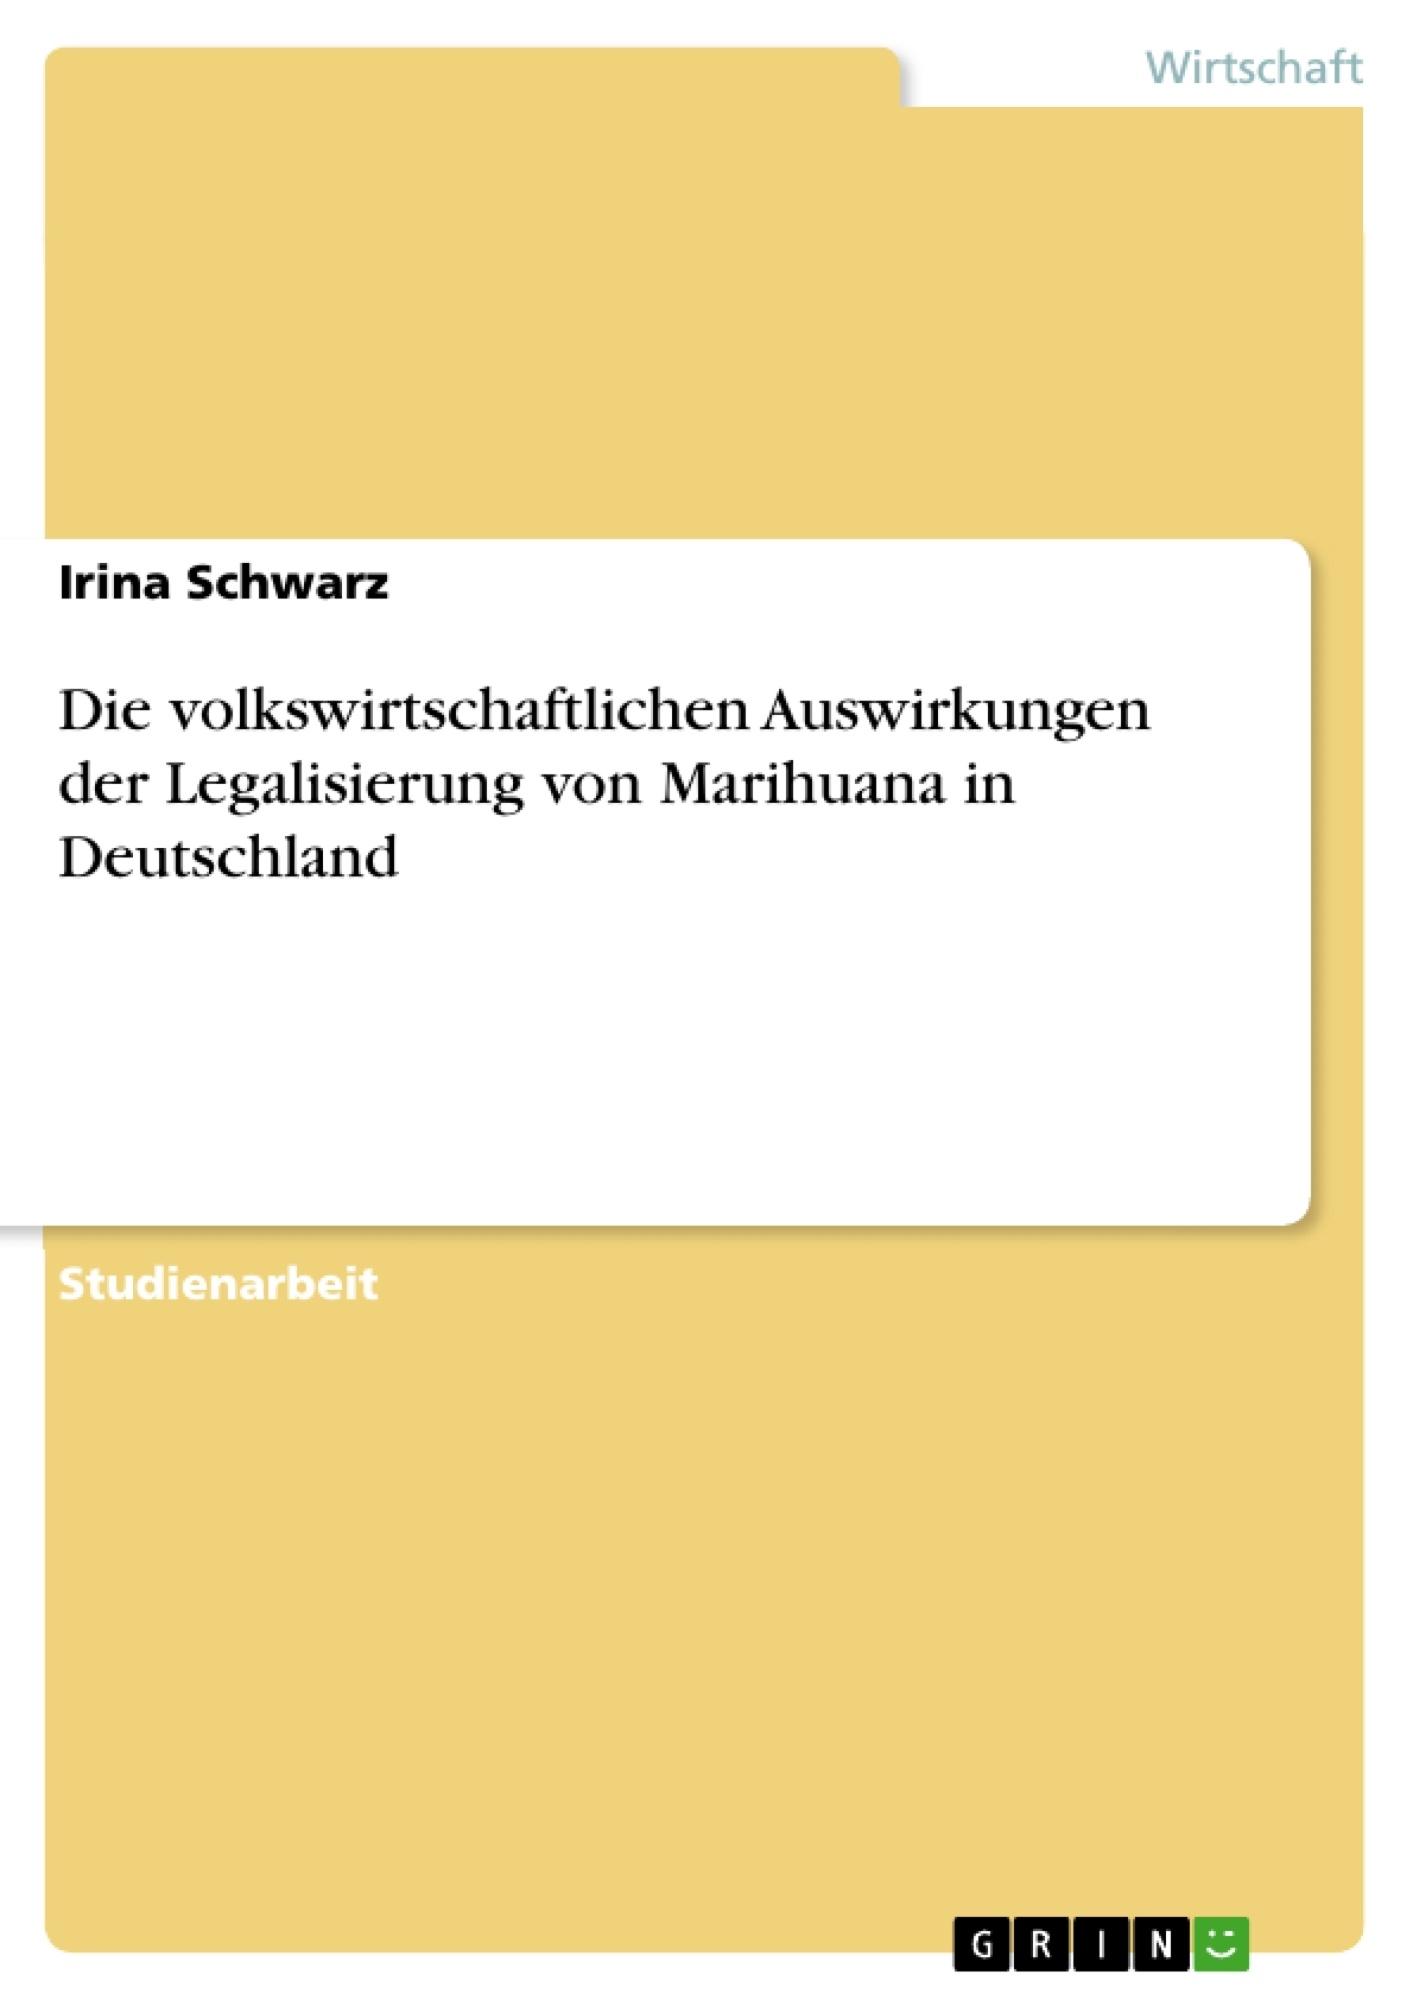 Titel: Die volkswirtschaftlichen Auswirkungen der Legalisierung von Marihuana in Deutschland